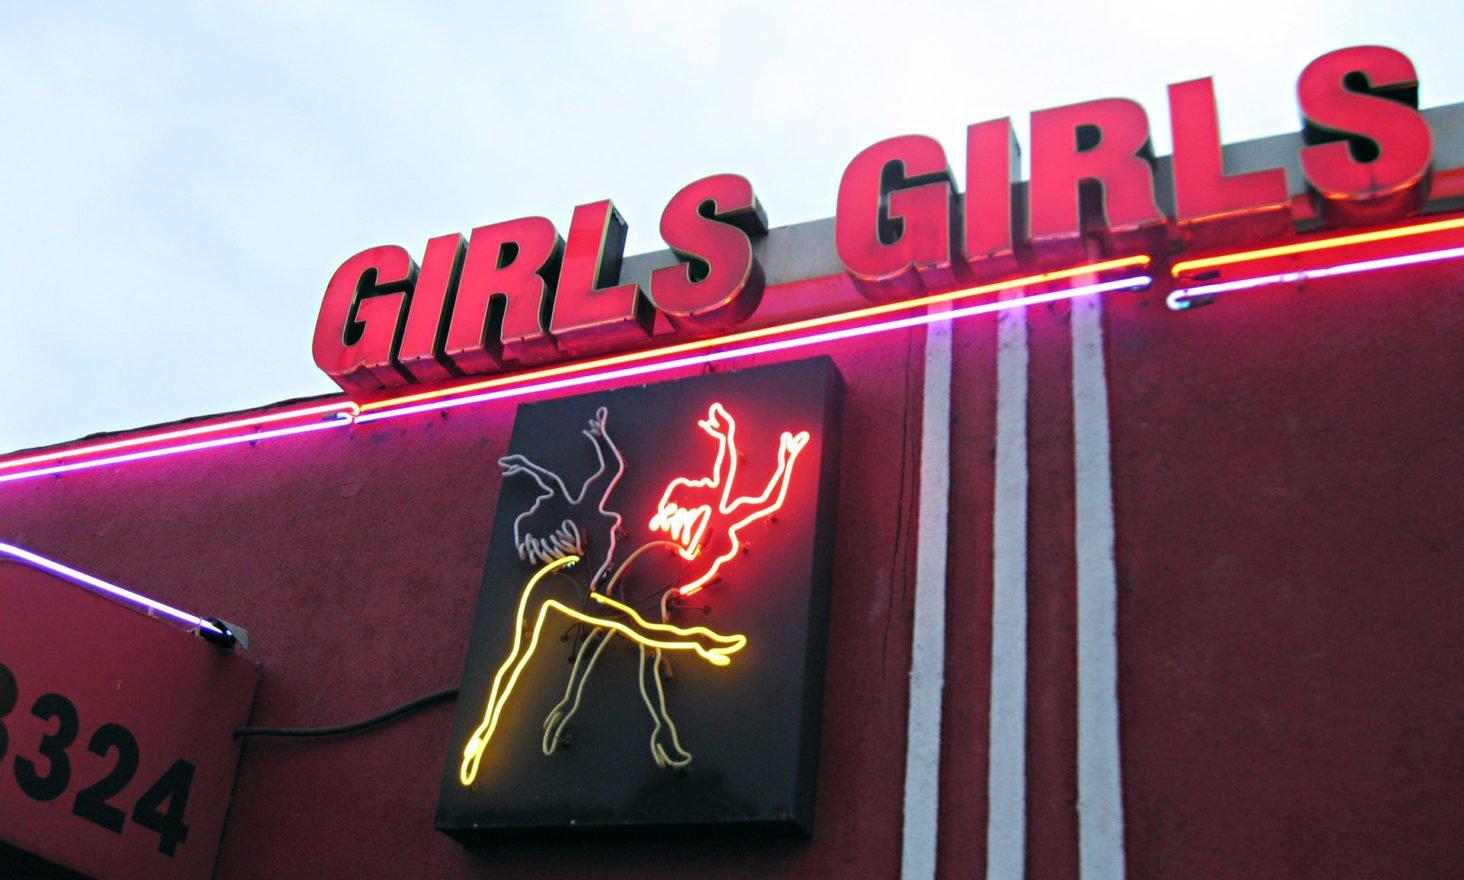 Strip club accepts Bitcoin